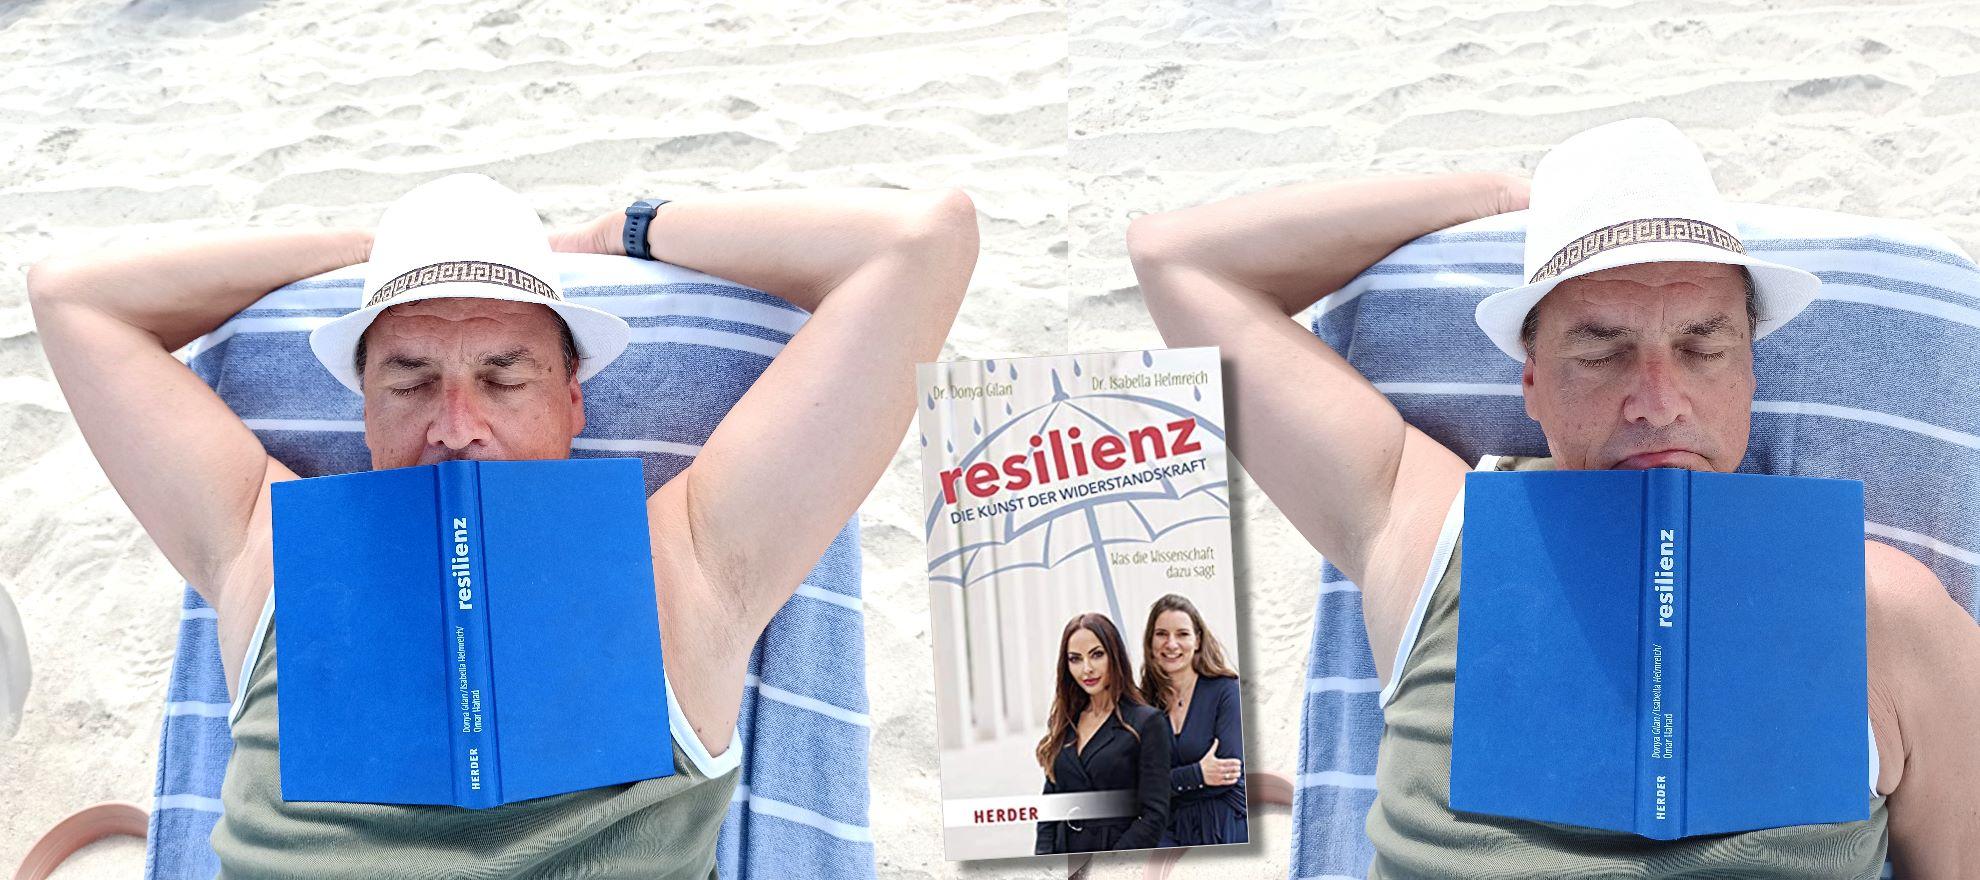 Buchempfehlung Resilienz